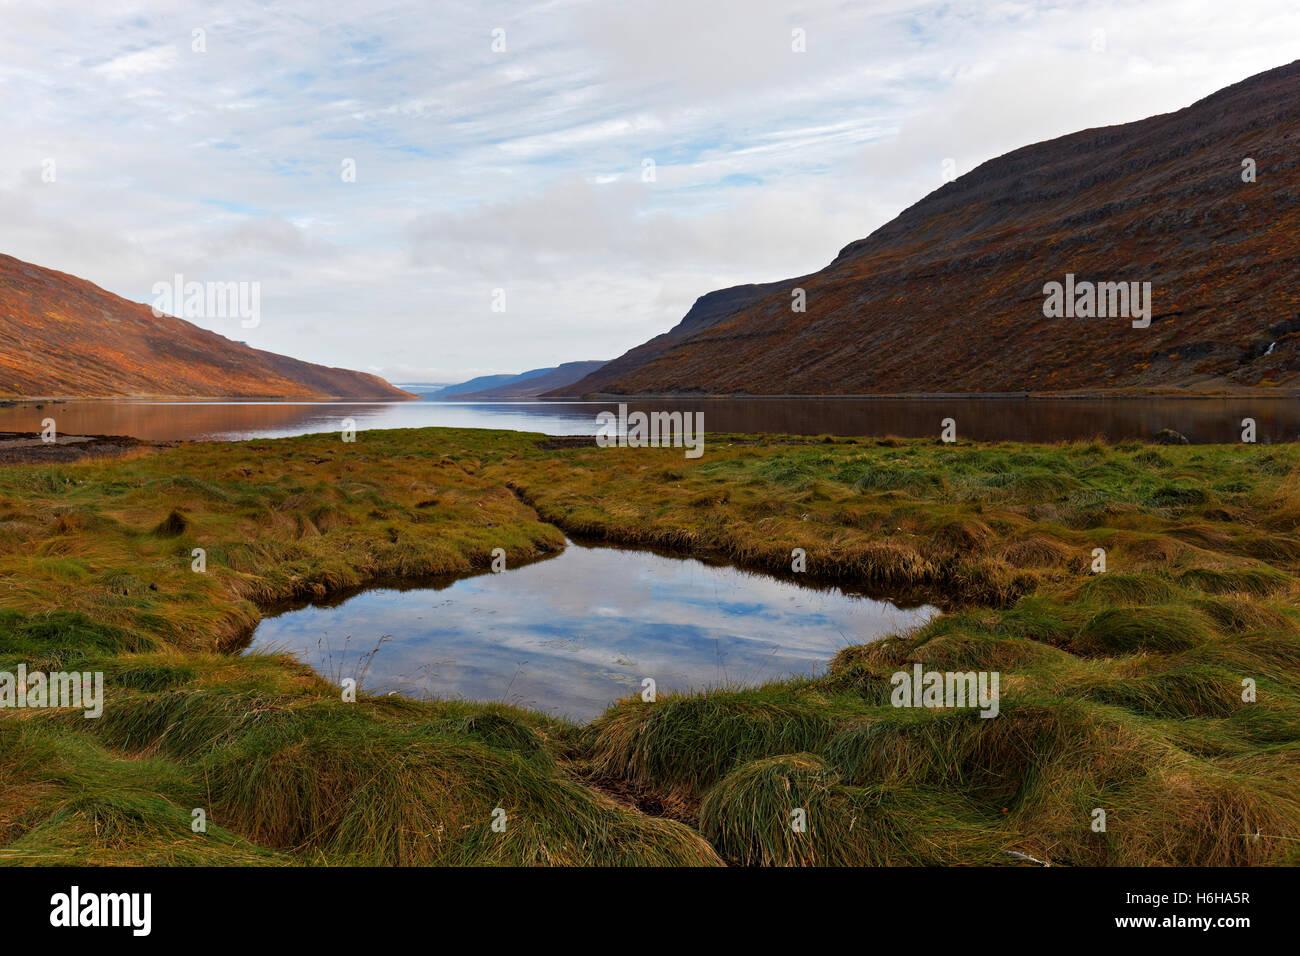 Paysage, Hestfjordur, Westfjords, l'Islande, de l'Atlantique Nord, Europe Photo Stock